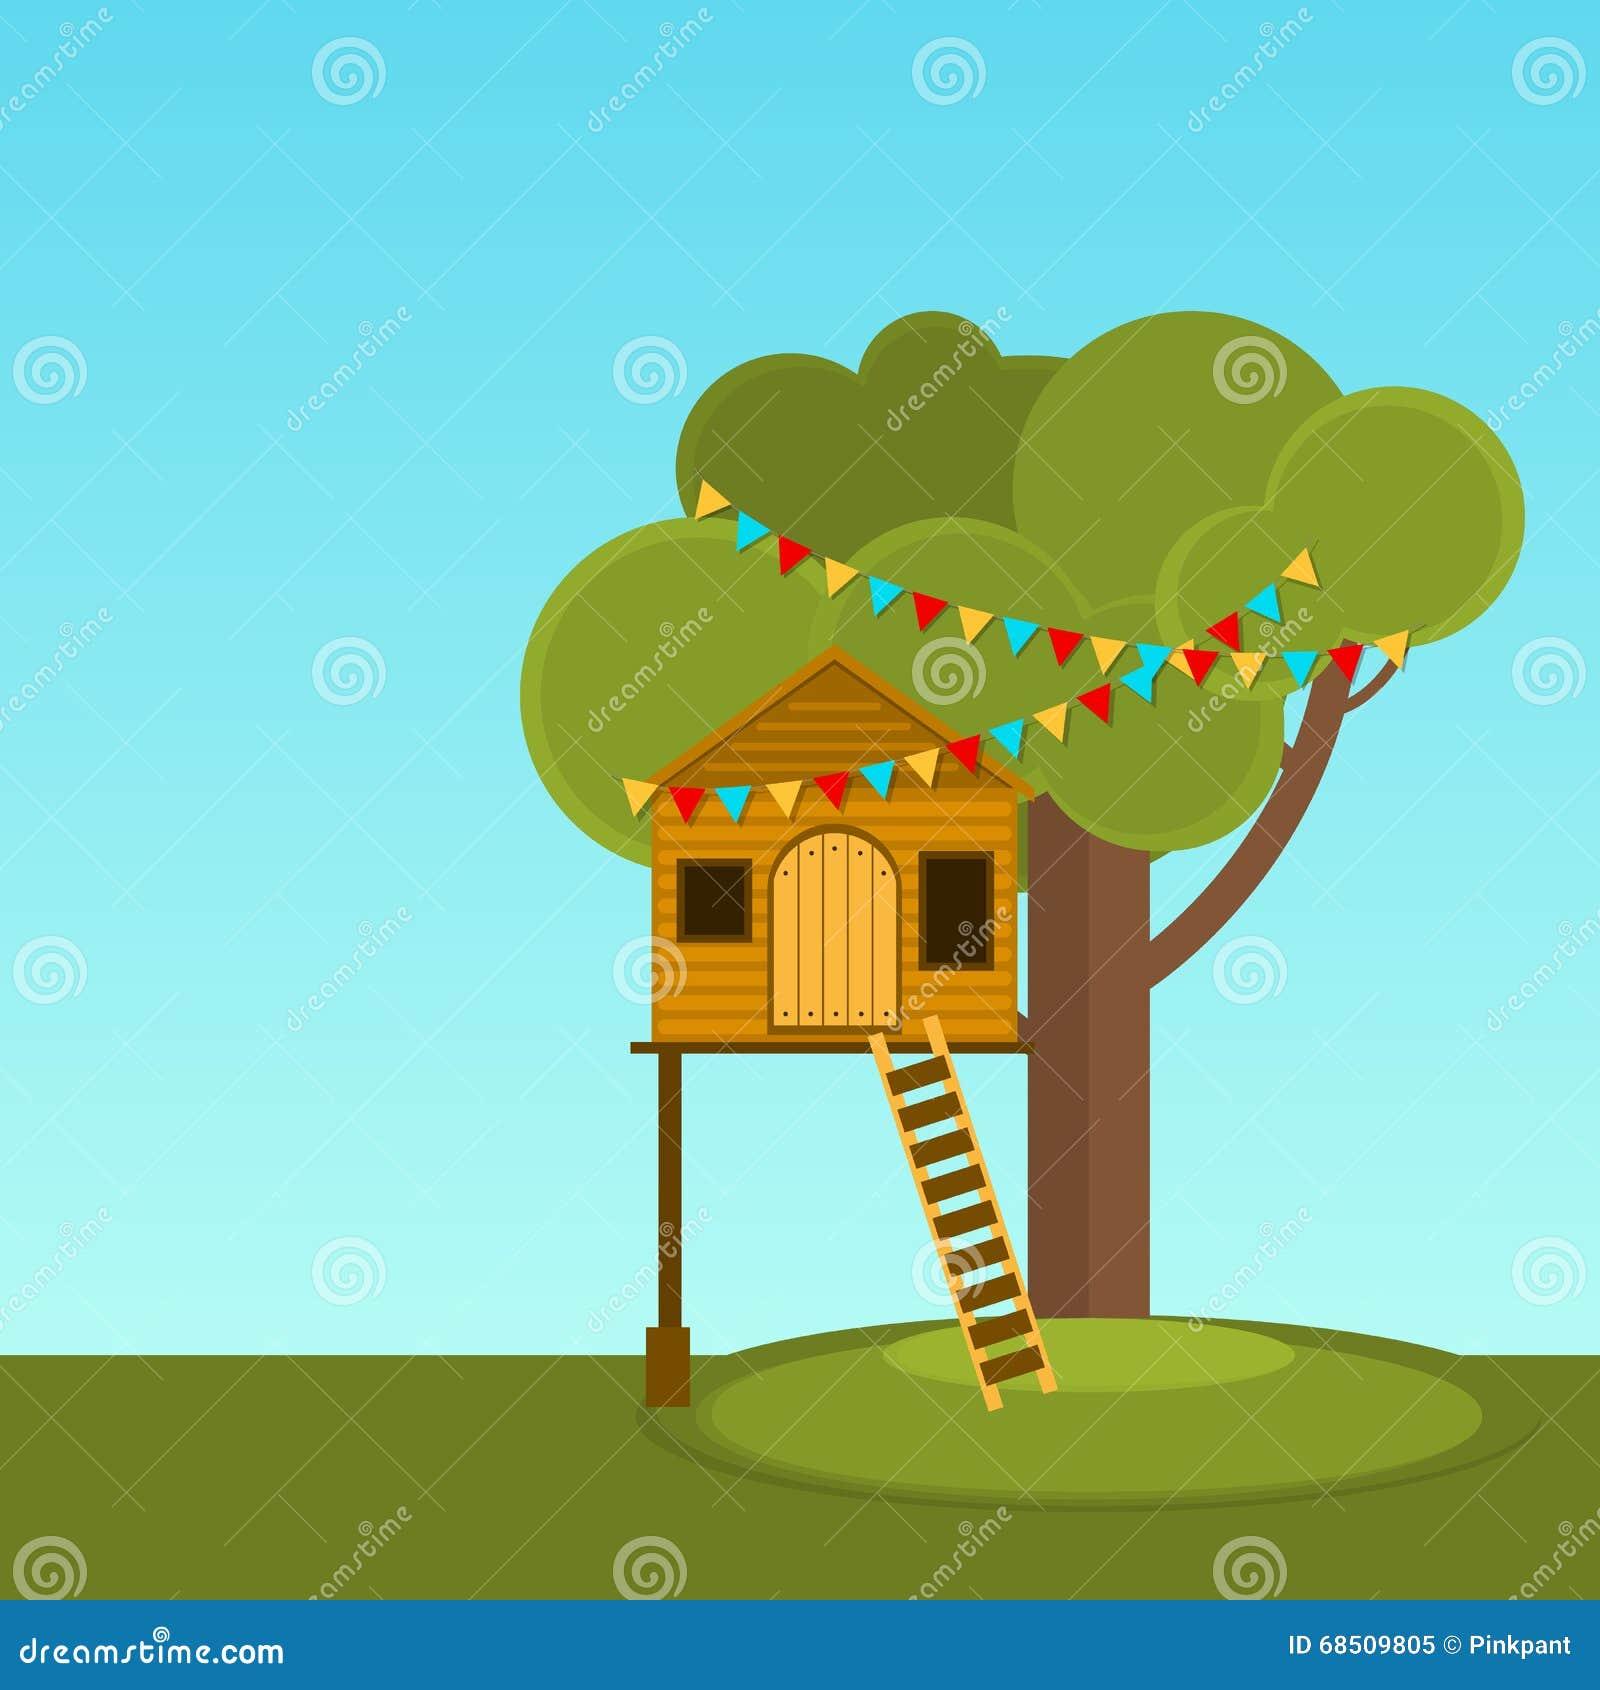 I giochi dei bambini della casa sull 39 albero casetta per giocare di vettore sull 39 albero posto - Casa sull albero per bambini ...